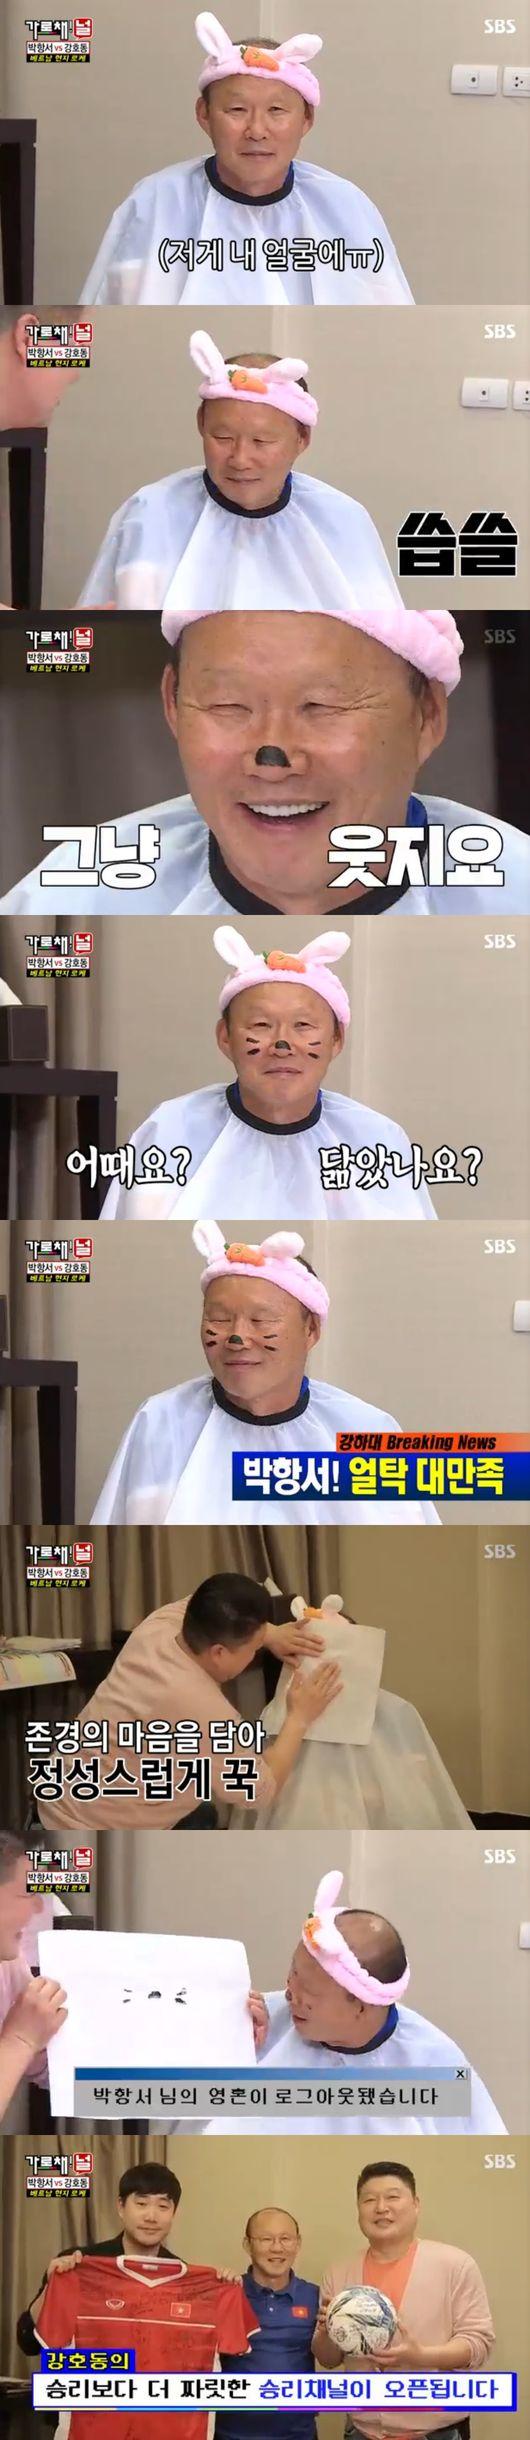 '가로채널' 강호동, 박항서까지 누르고 8연승‥베트남 영웅 '얼탁行' [종합]